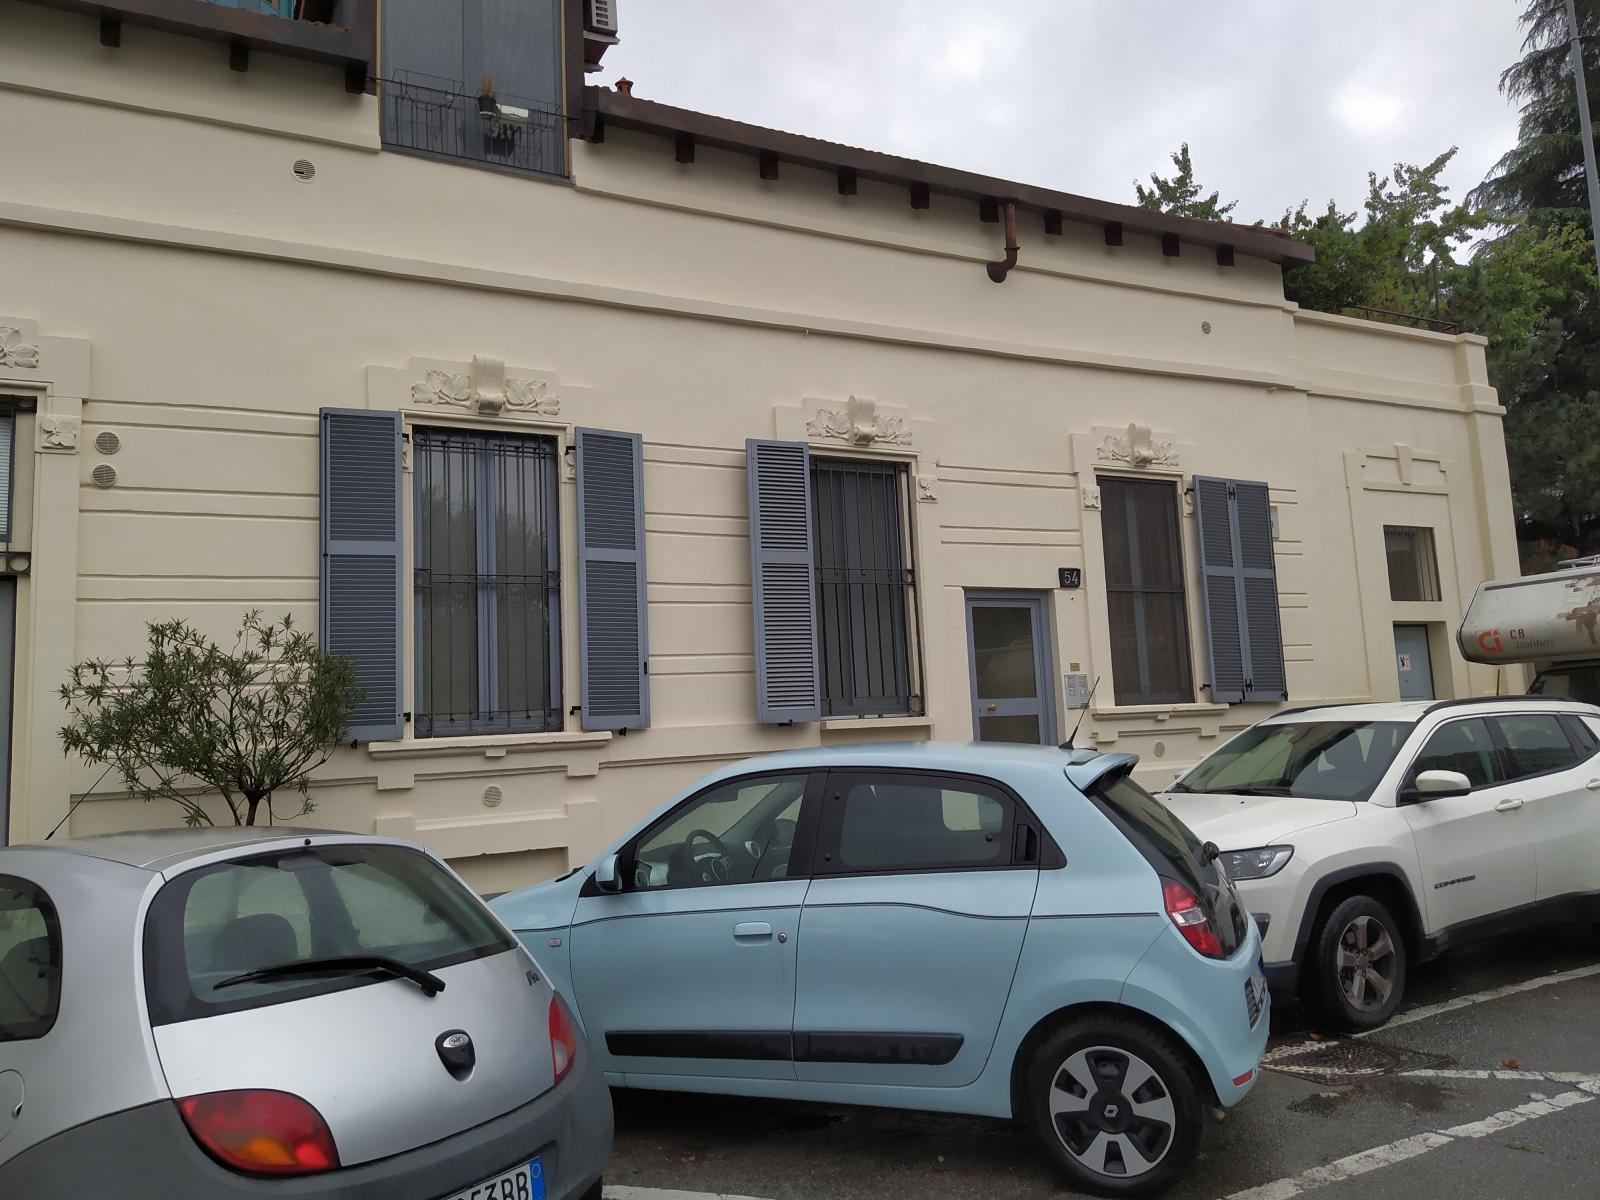 appartamento-in-vendita-milano-zona-ortica-loft-spaziourbano-immobioiare-vende-12